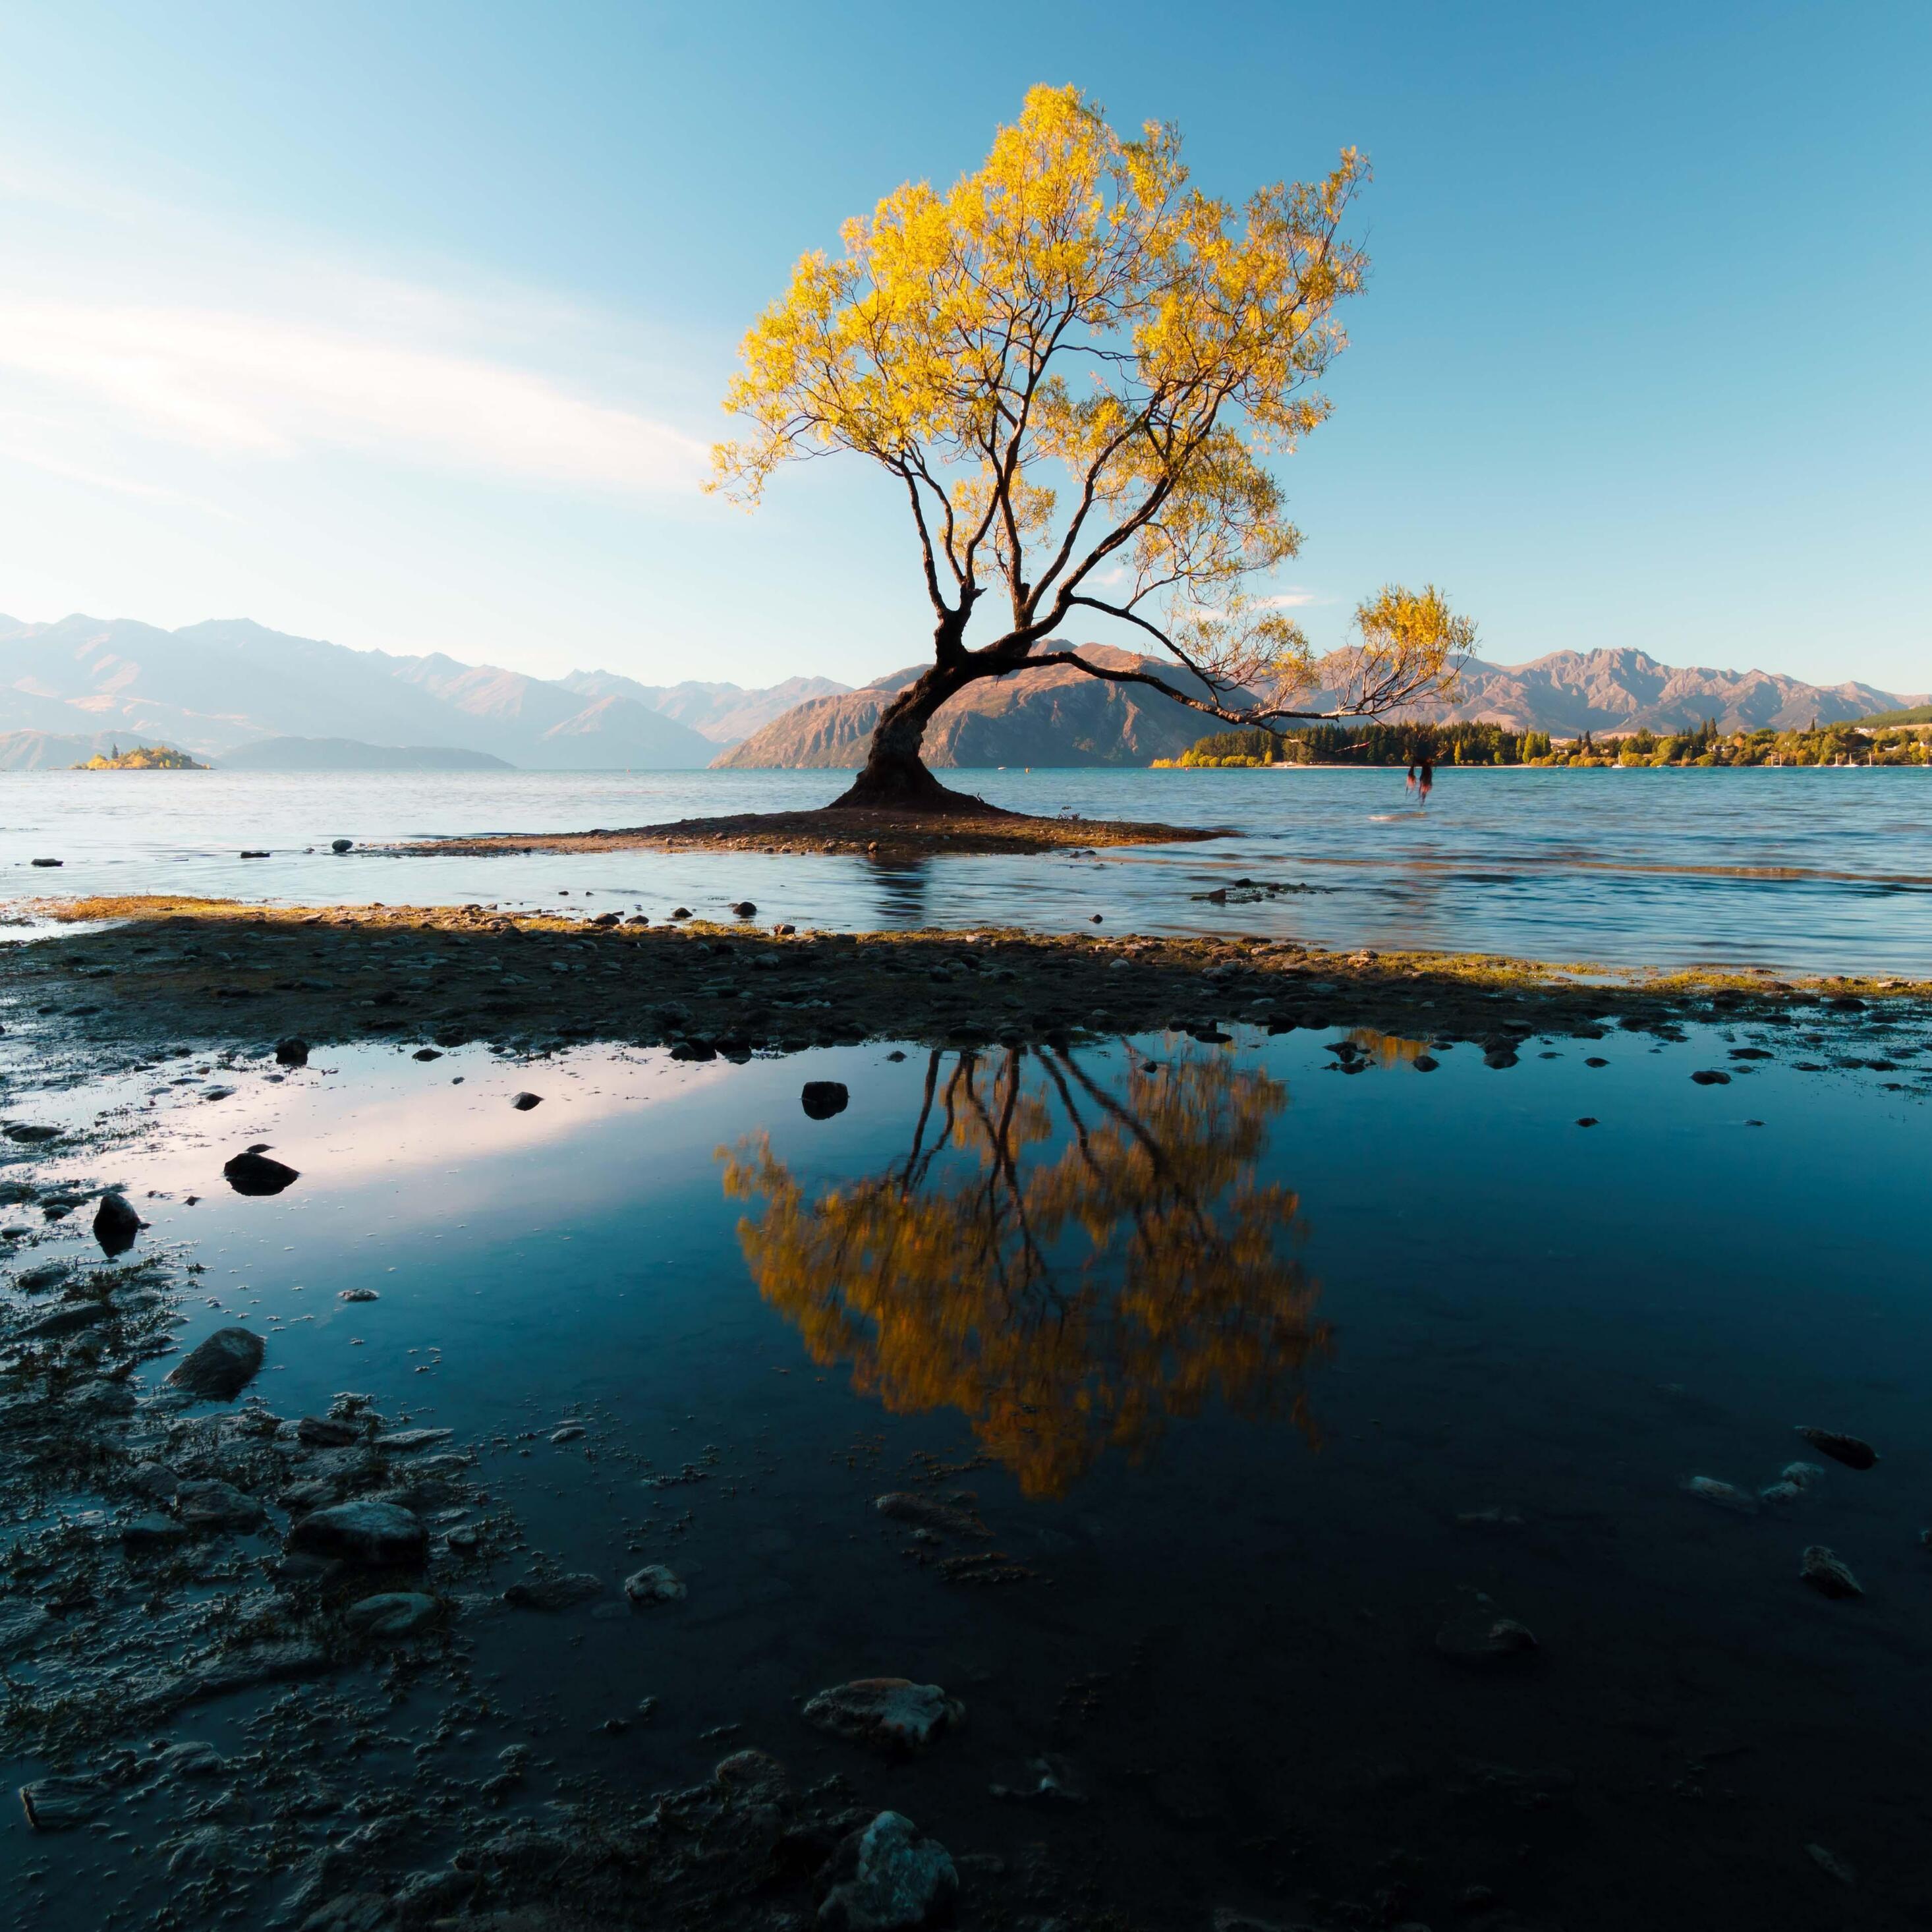 autumn-tree-5k-new.jpg